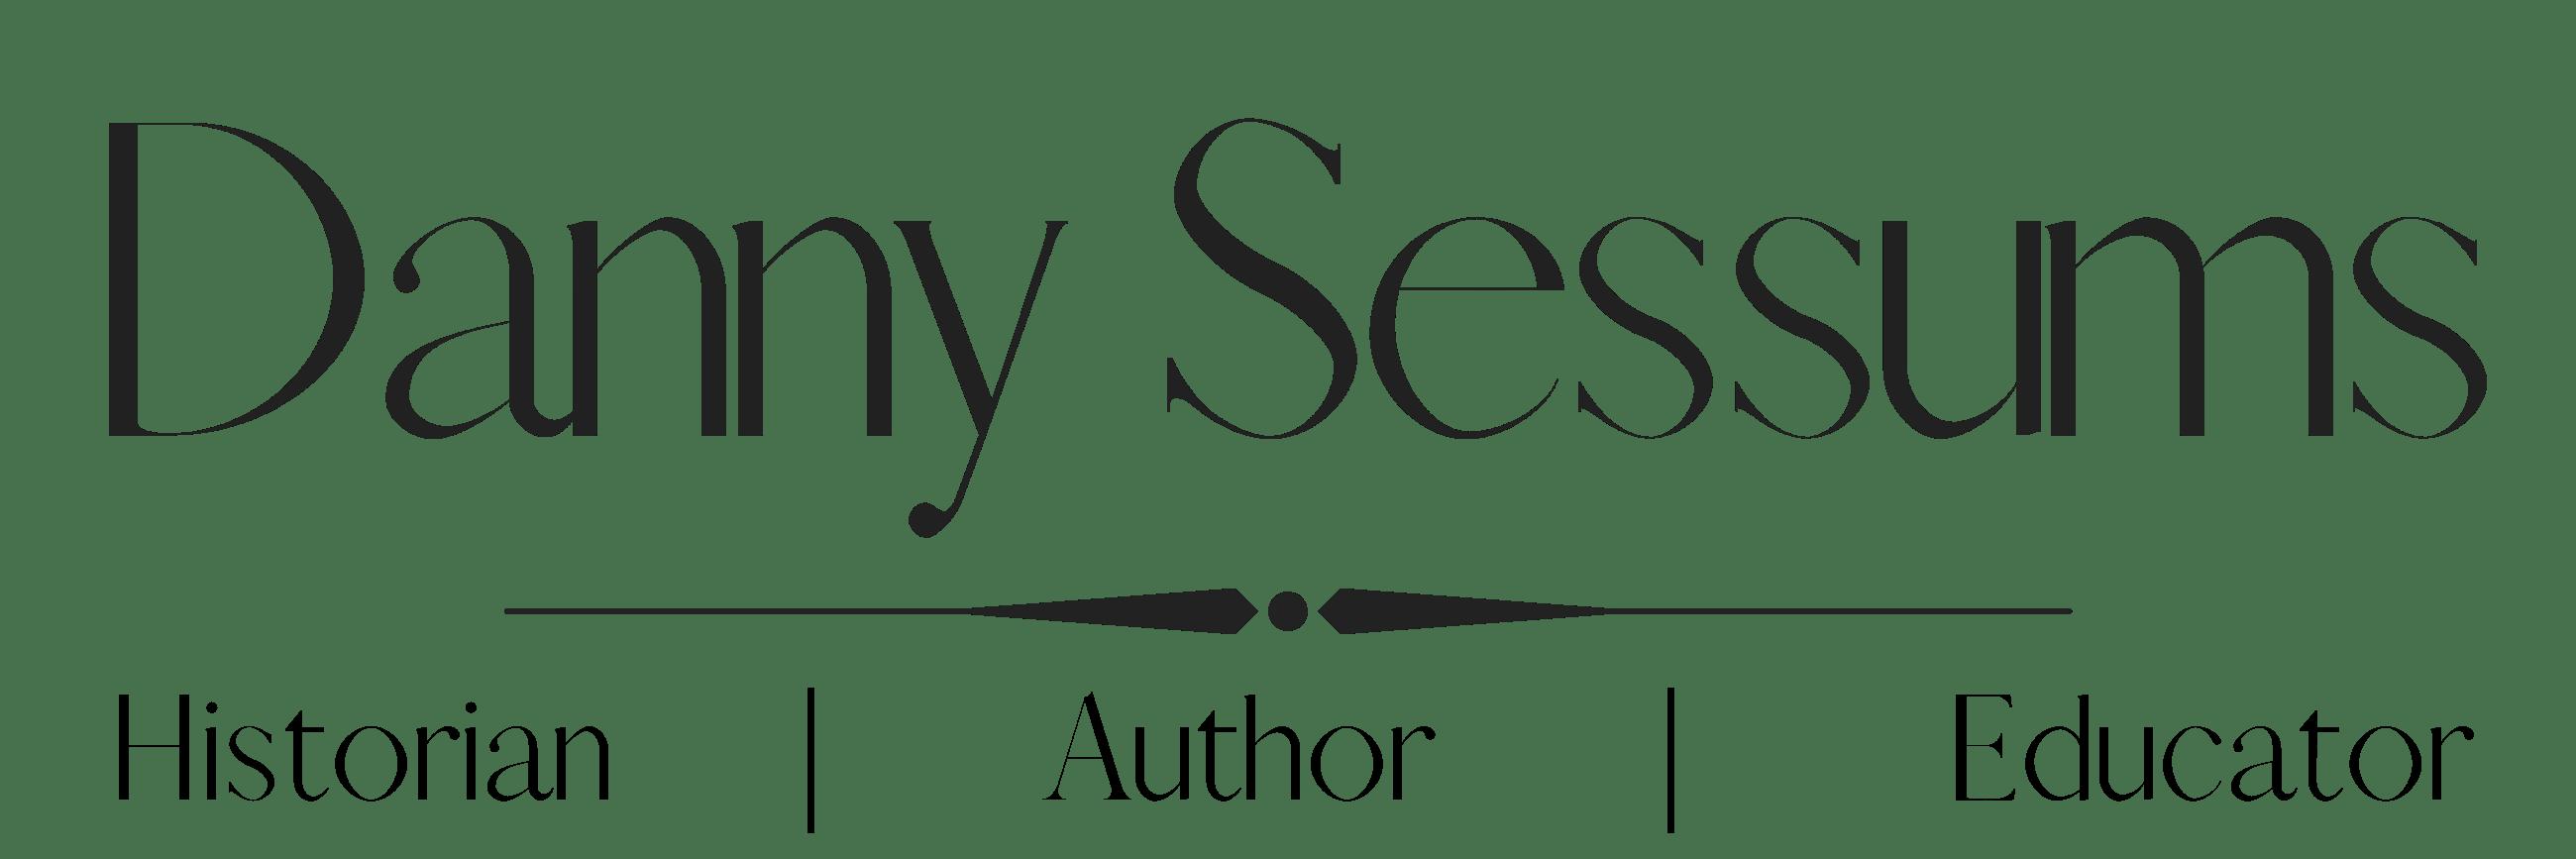 Danny Sessums website (1)